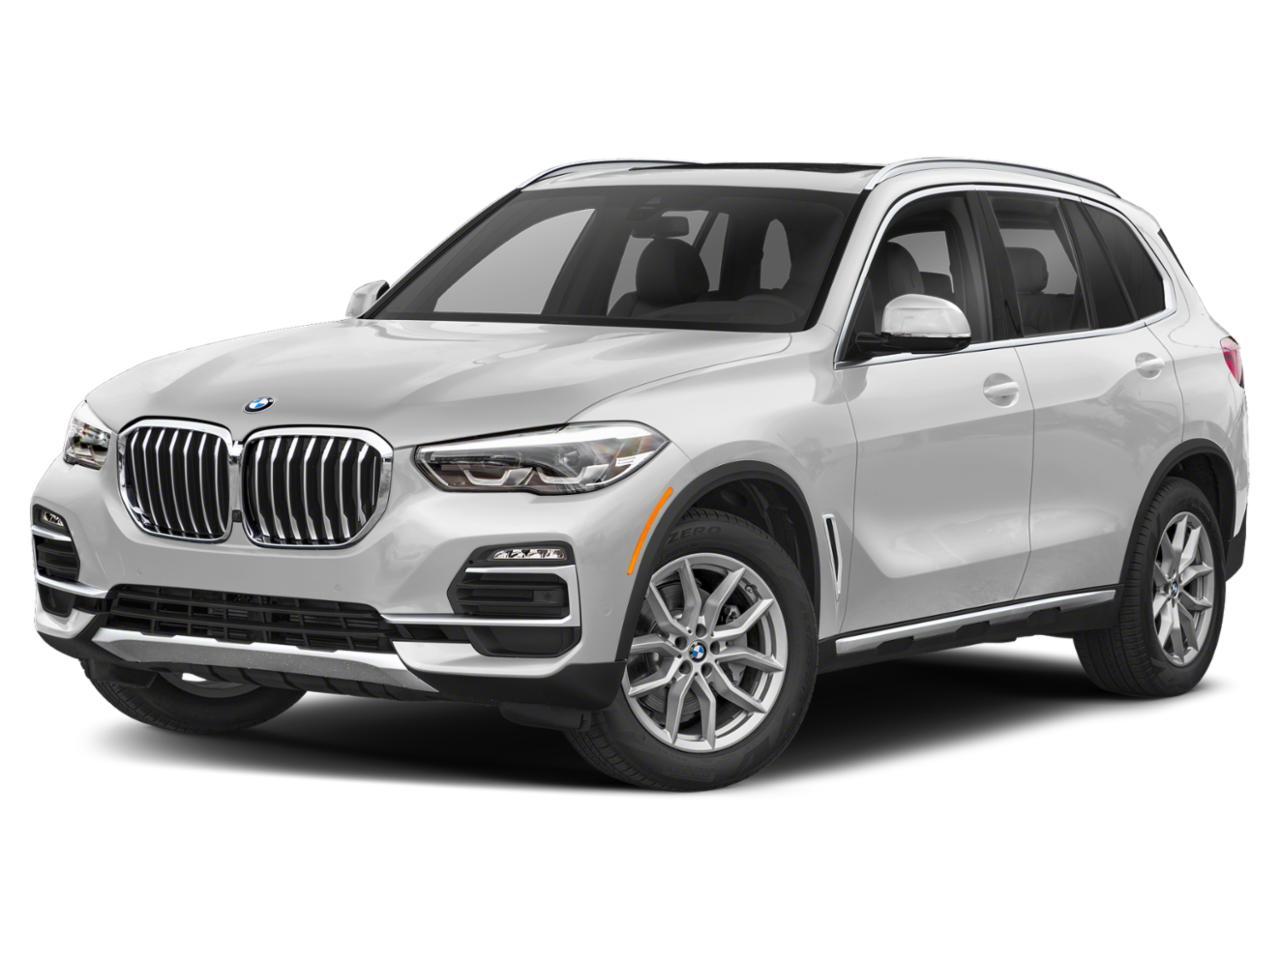 2019 BMW X5 xDrive40i Vehicle Photo in Pleasanton, CA 94588